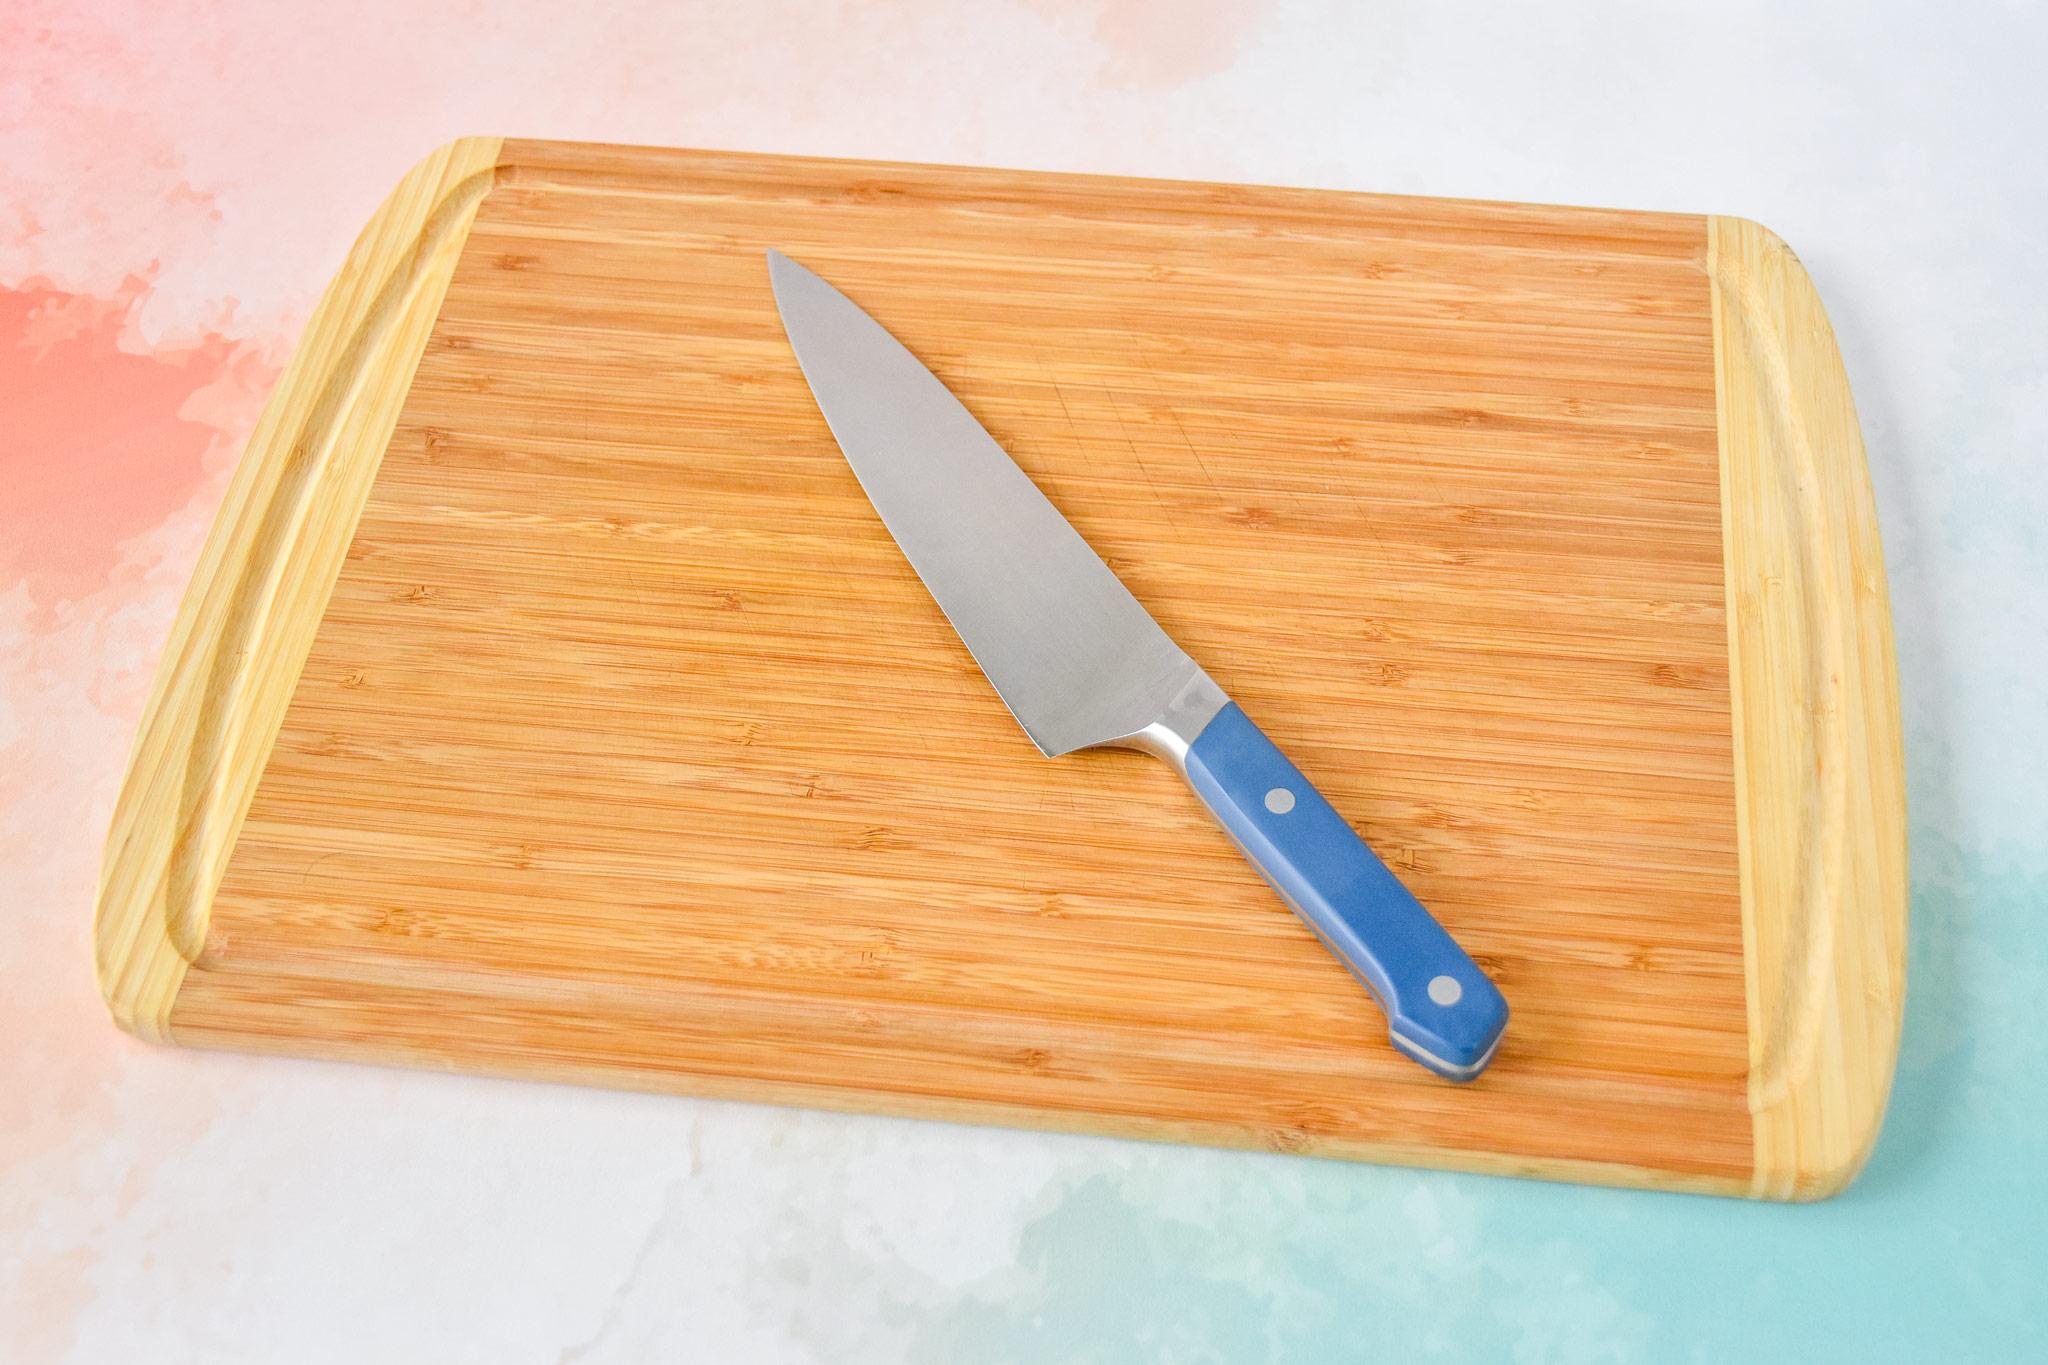 sharp knife and cutting board.